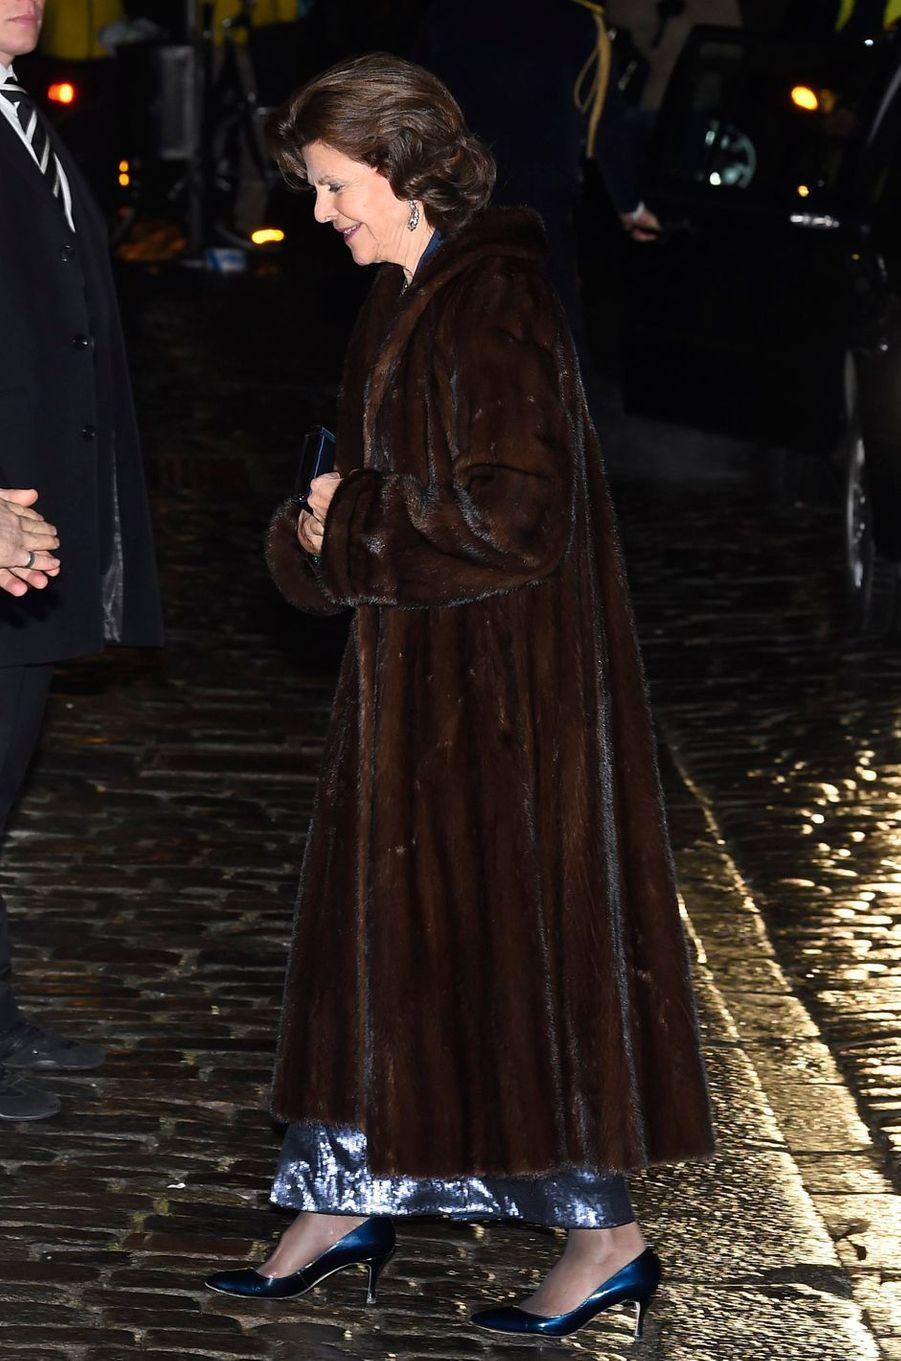 La reine Silvia de Suède à Stockholm, le 20 décembre 2017